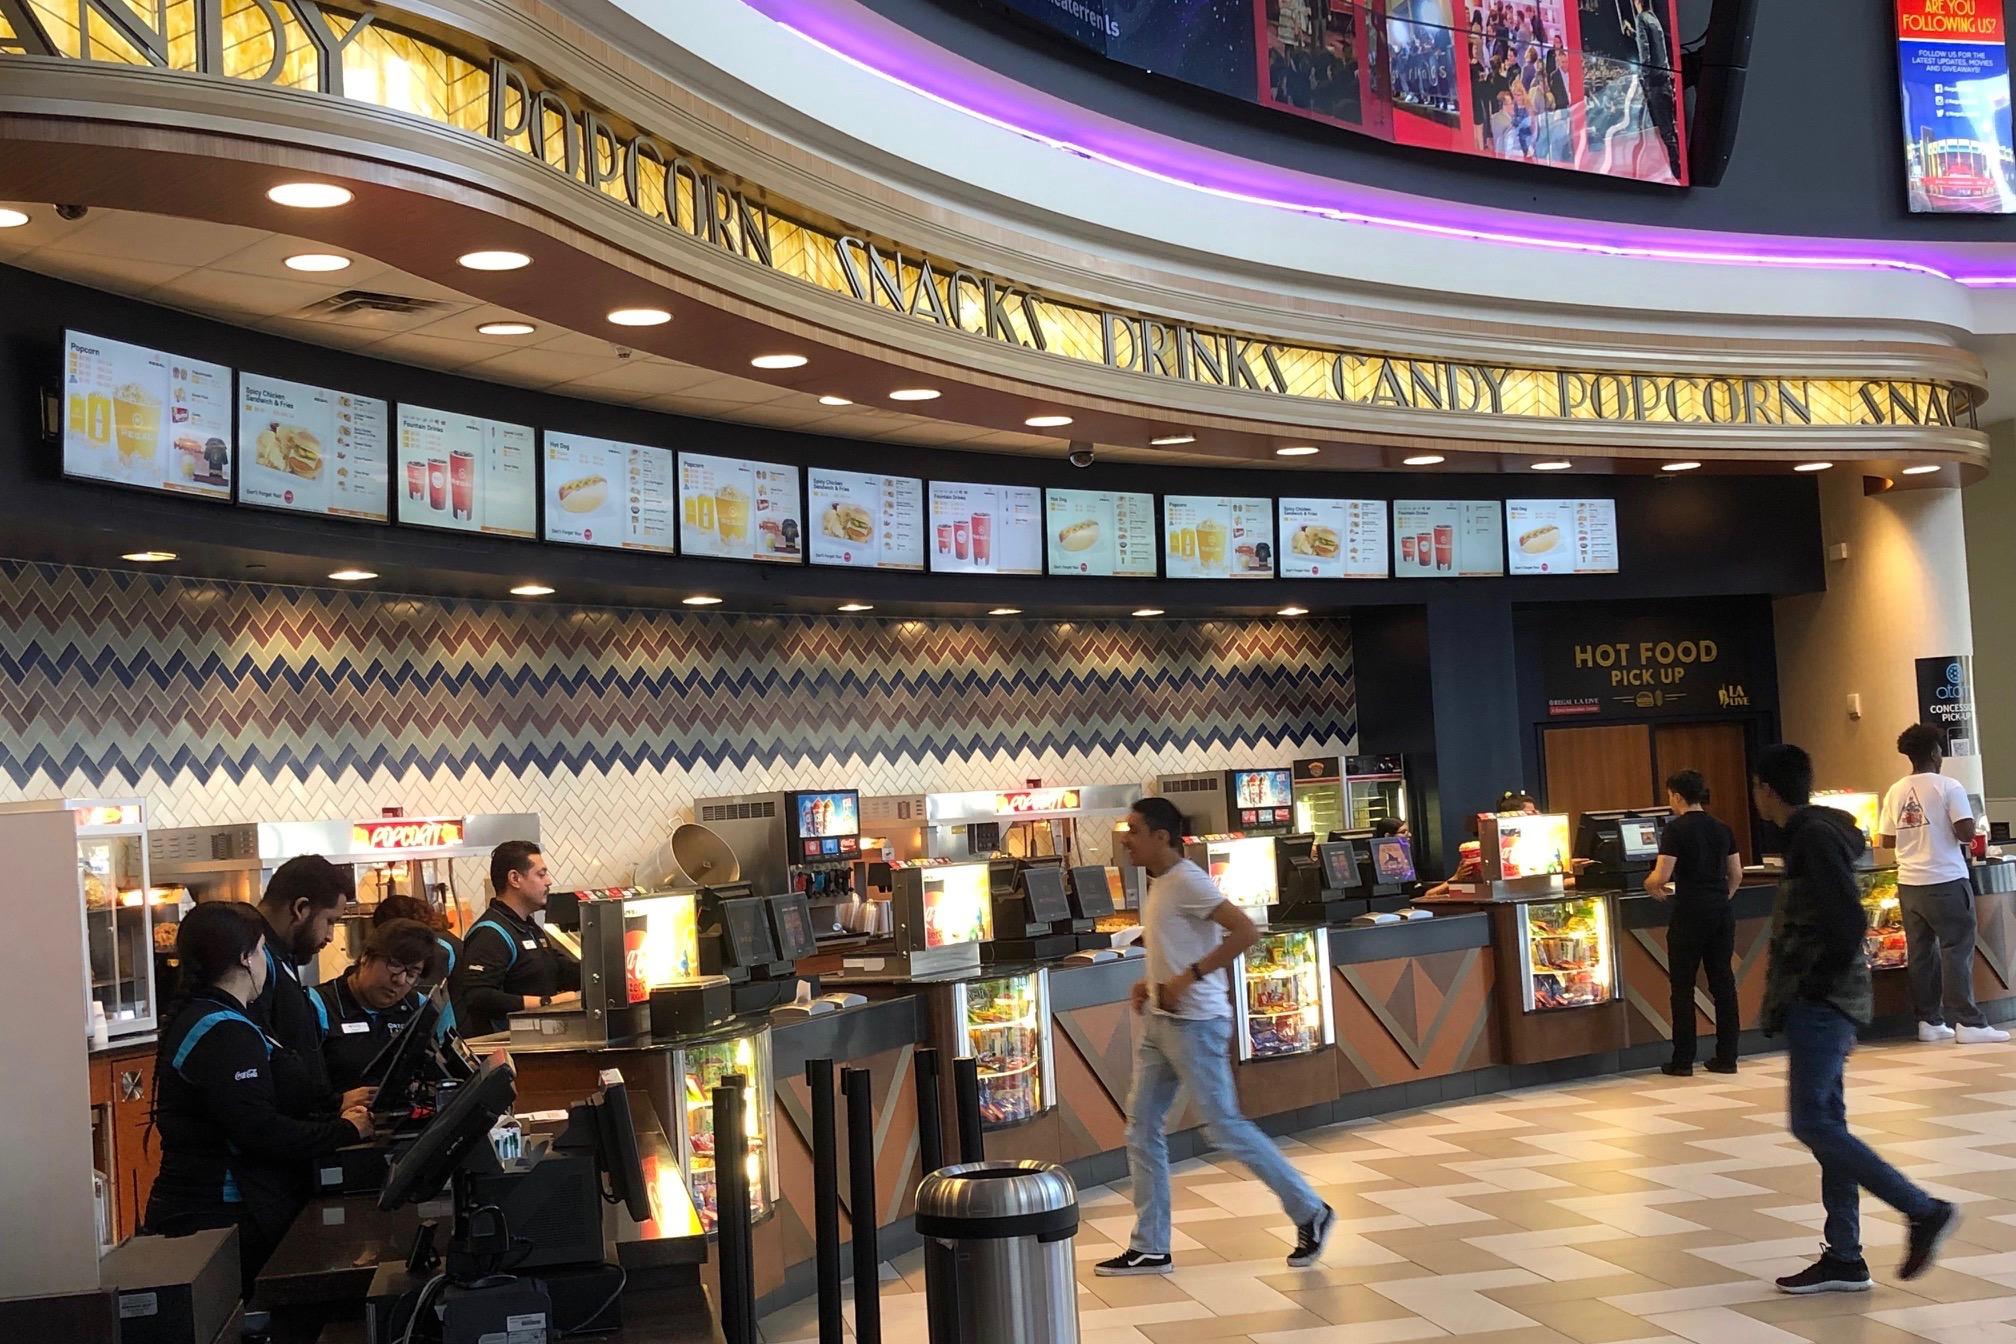 Cinema lobby . Photo by John Sullivan